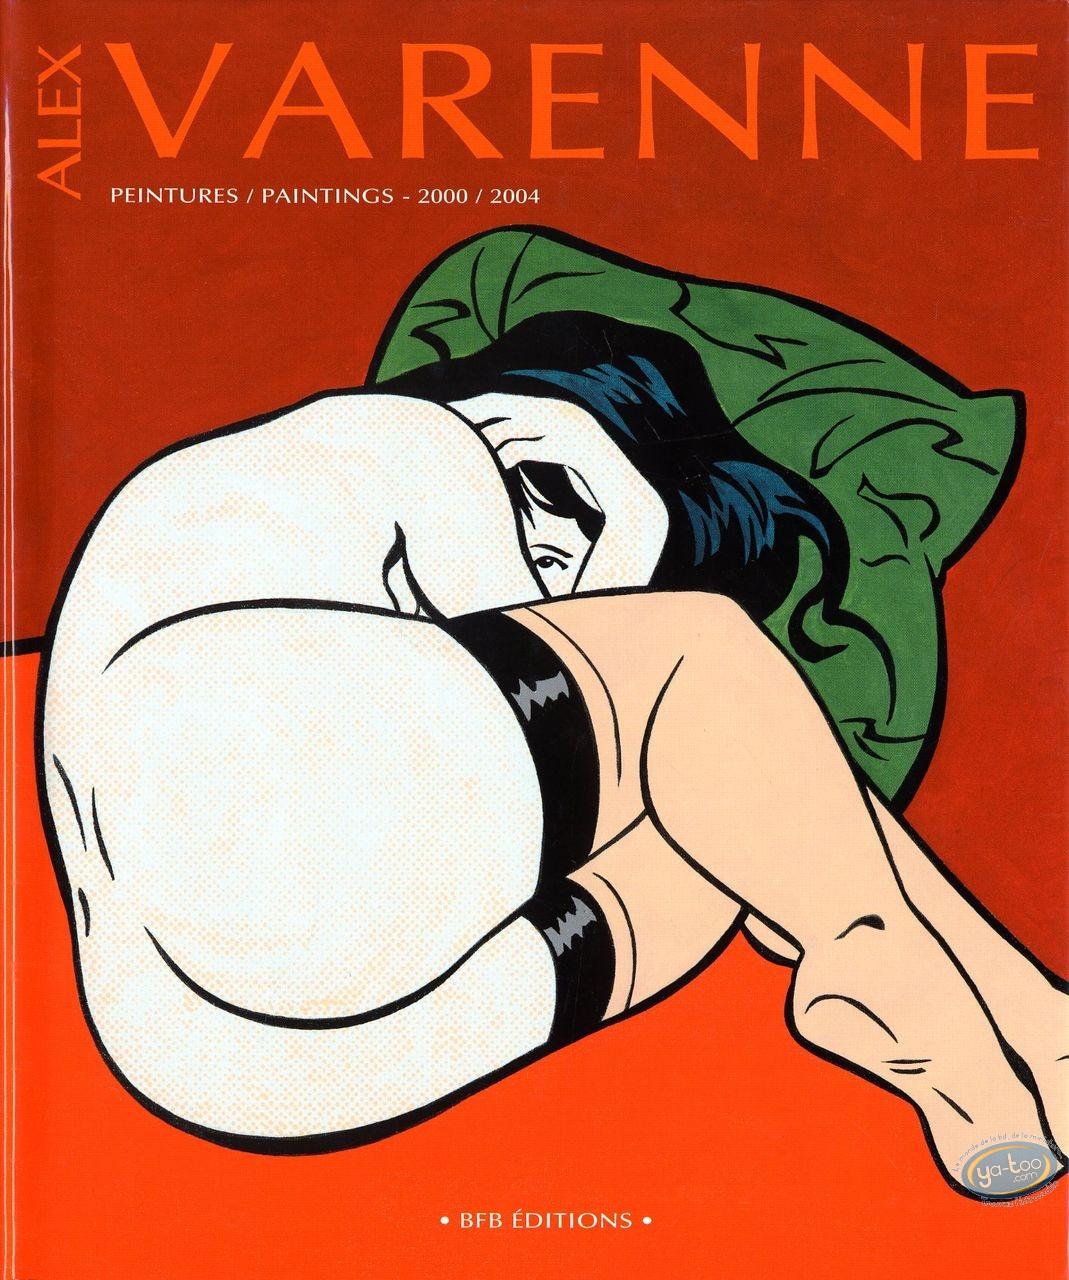 Livre, Varenne : Alex Varenne, Peintures 2000-2004